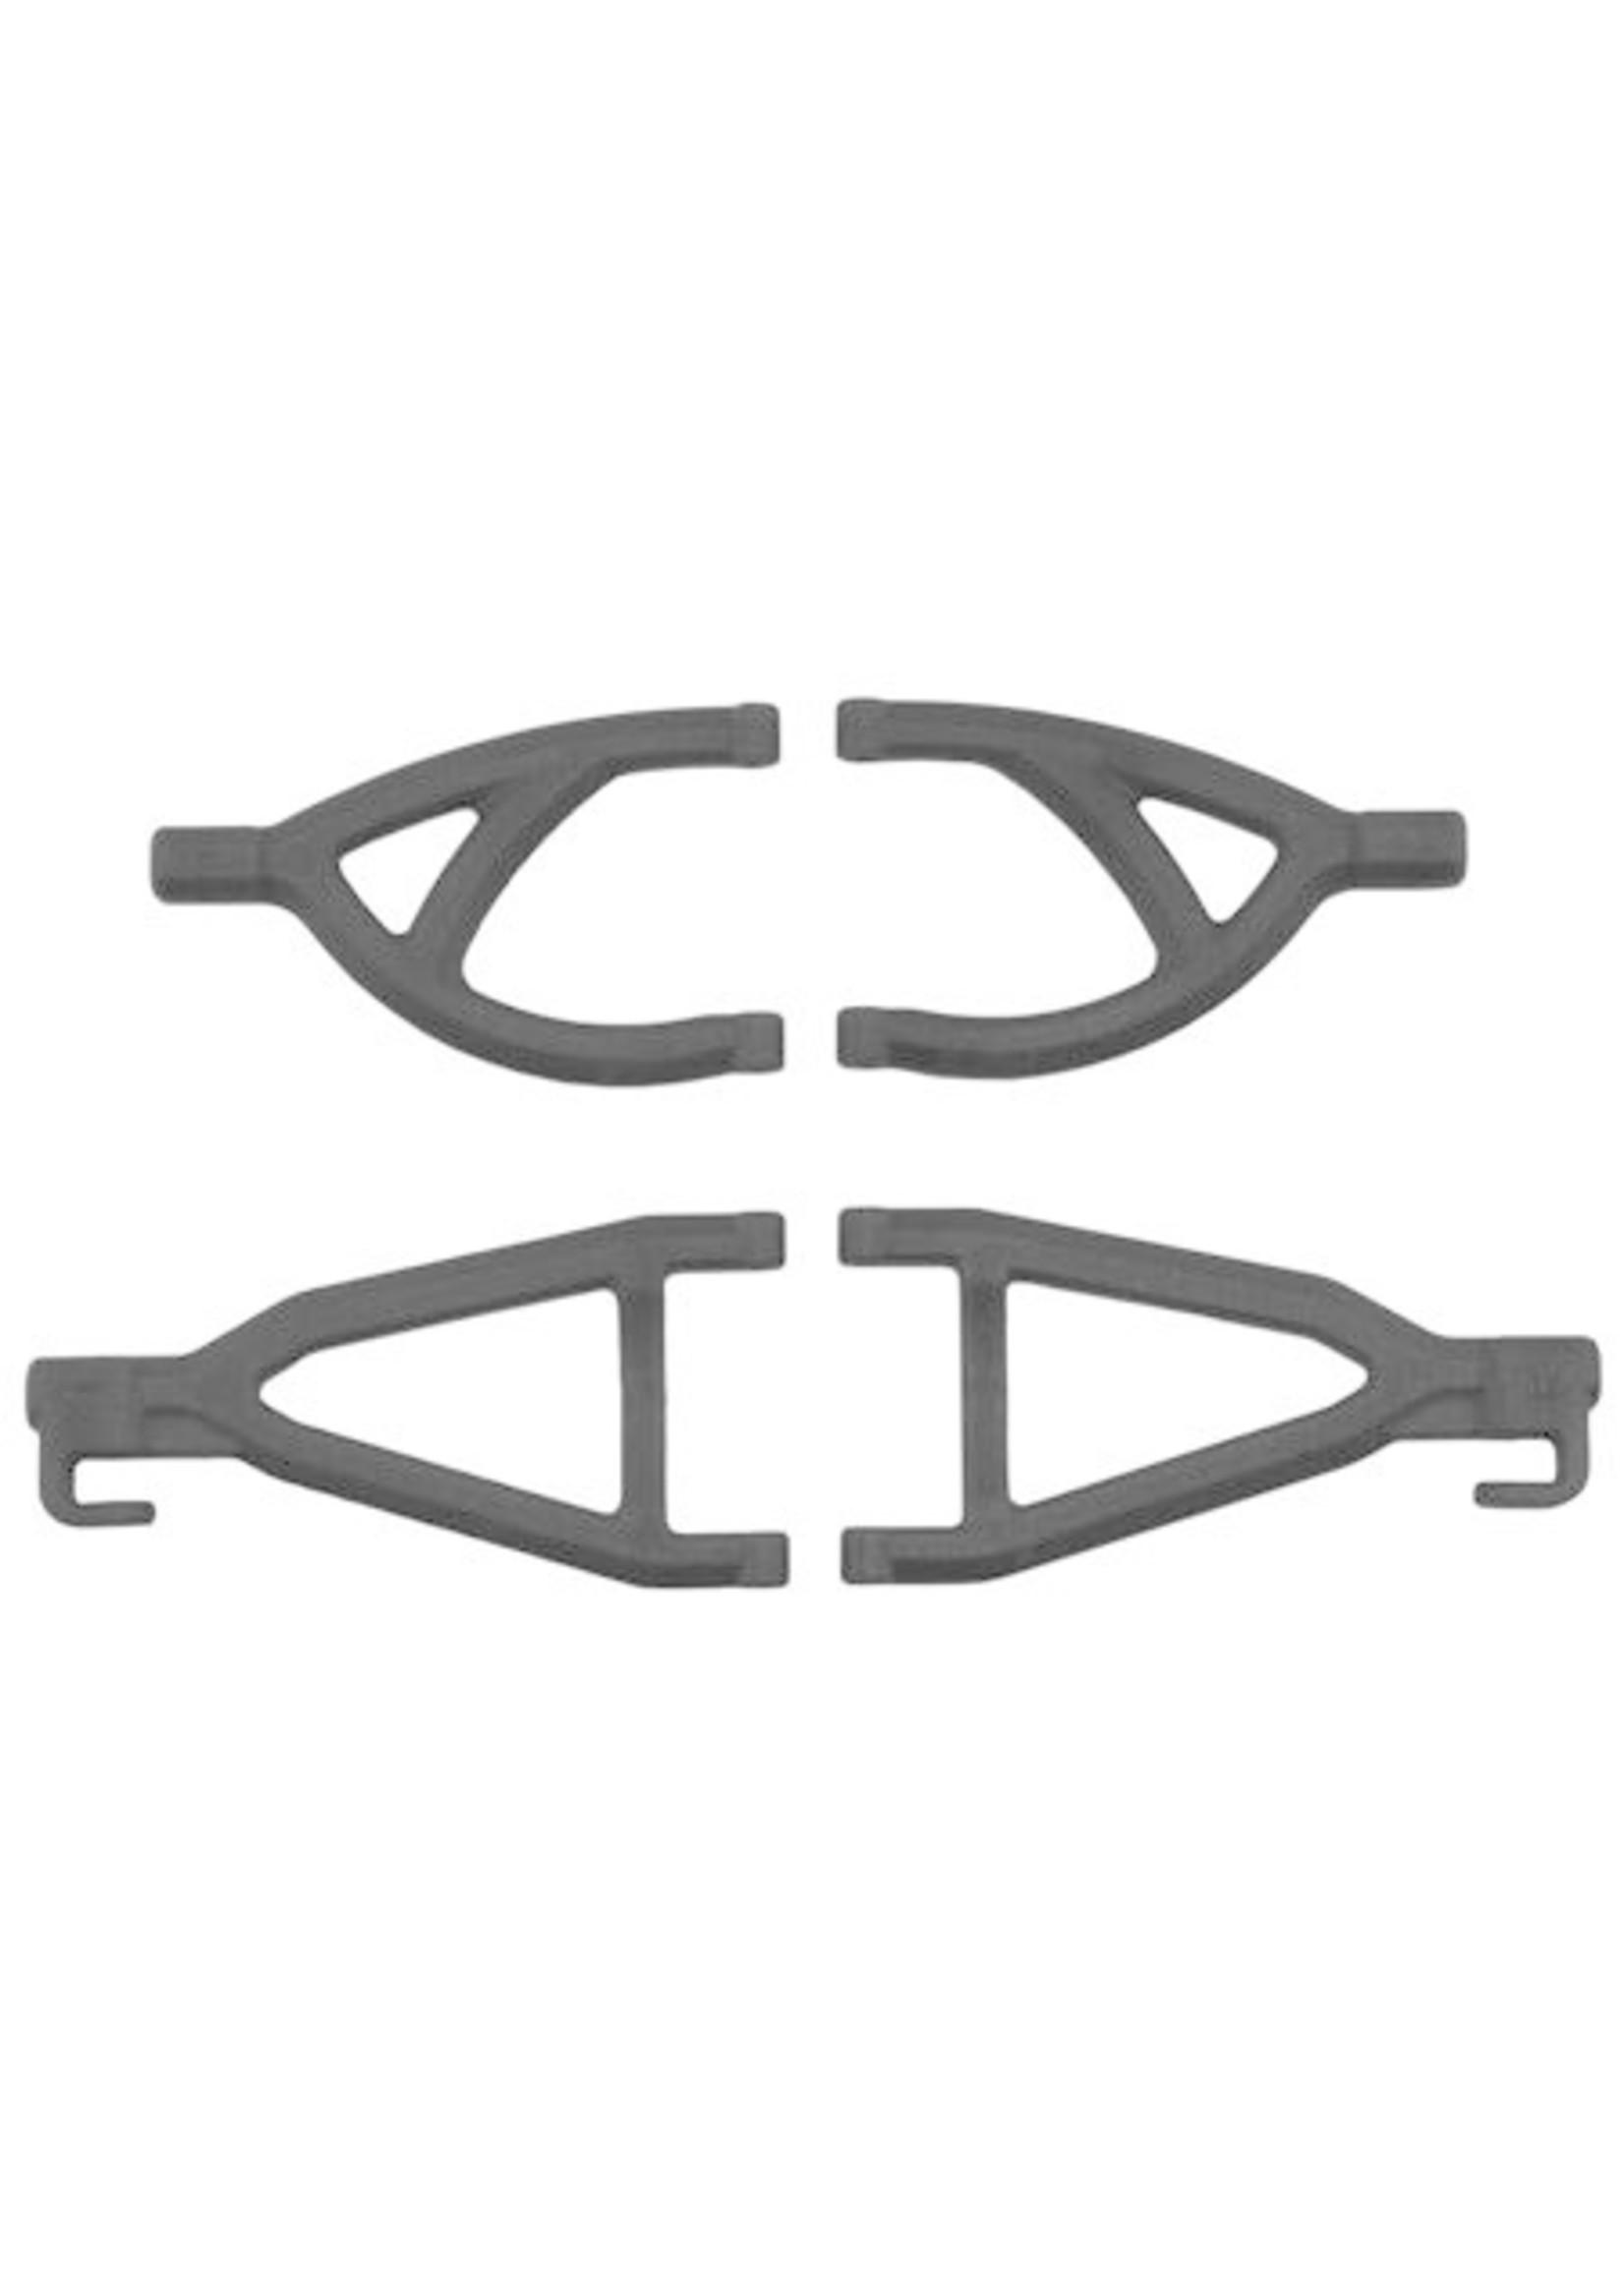 RPM RPM80602 RPM Rear Upper/Lower A- Arms, for Traxxas 1/16 E-Revo, Black